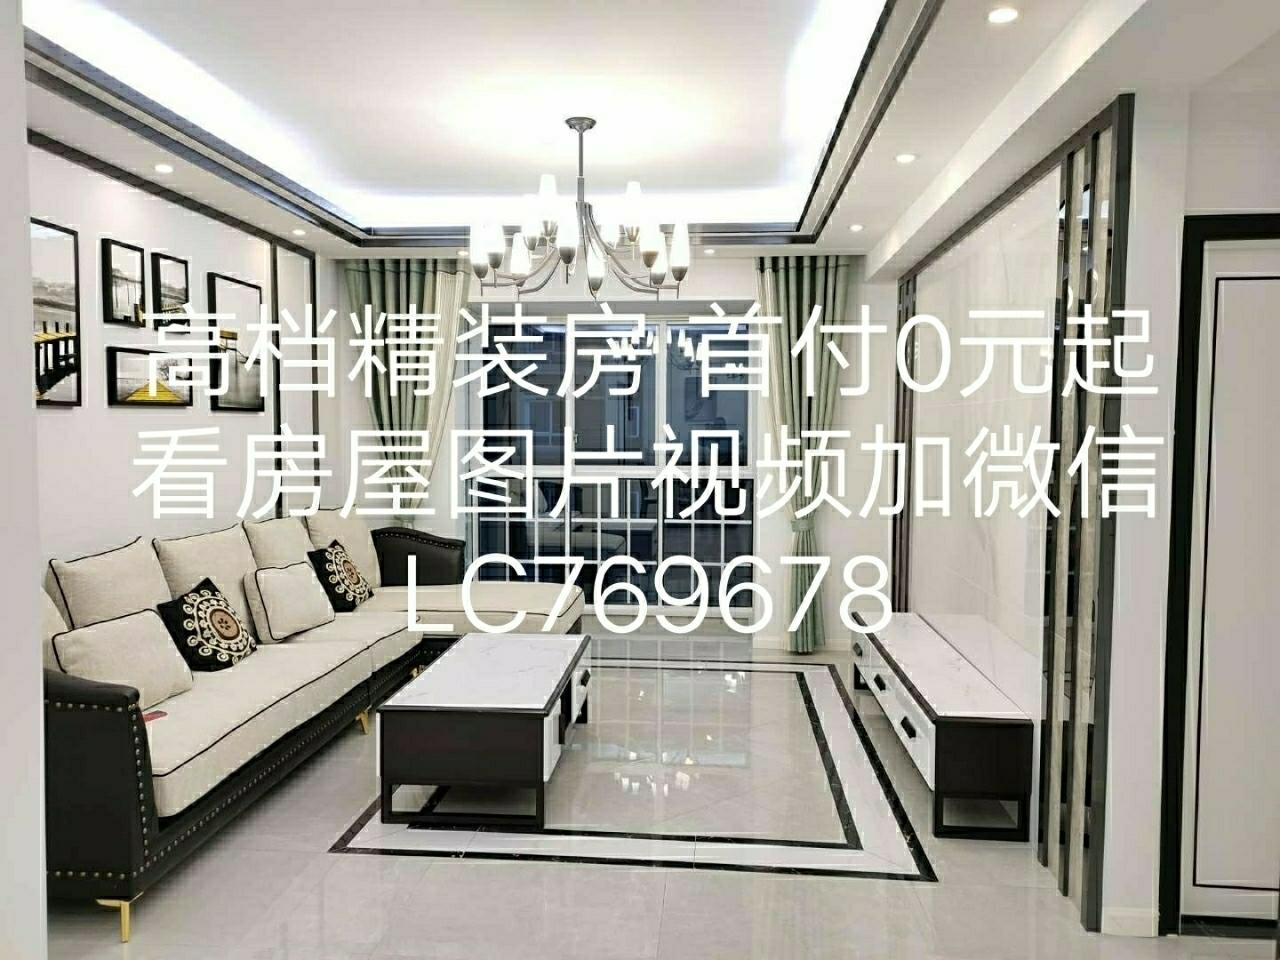 C210四十米大街3室2厅2卫精装4楼51.6万